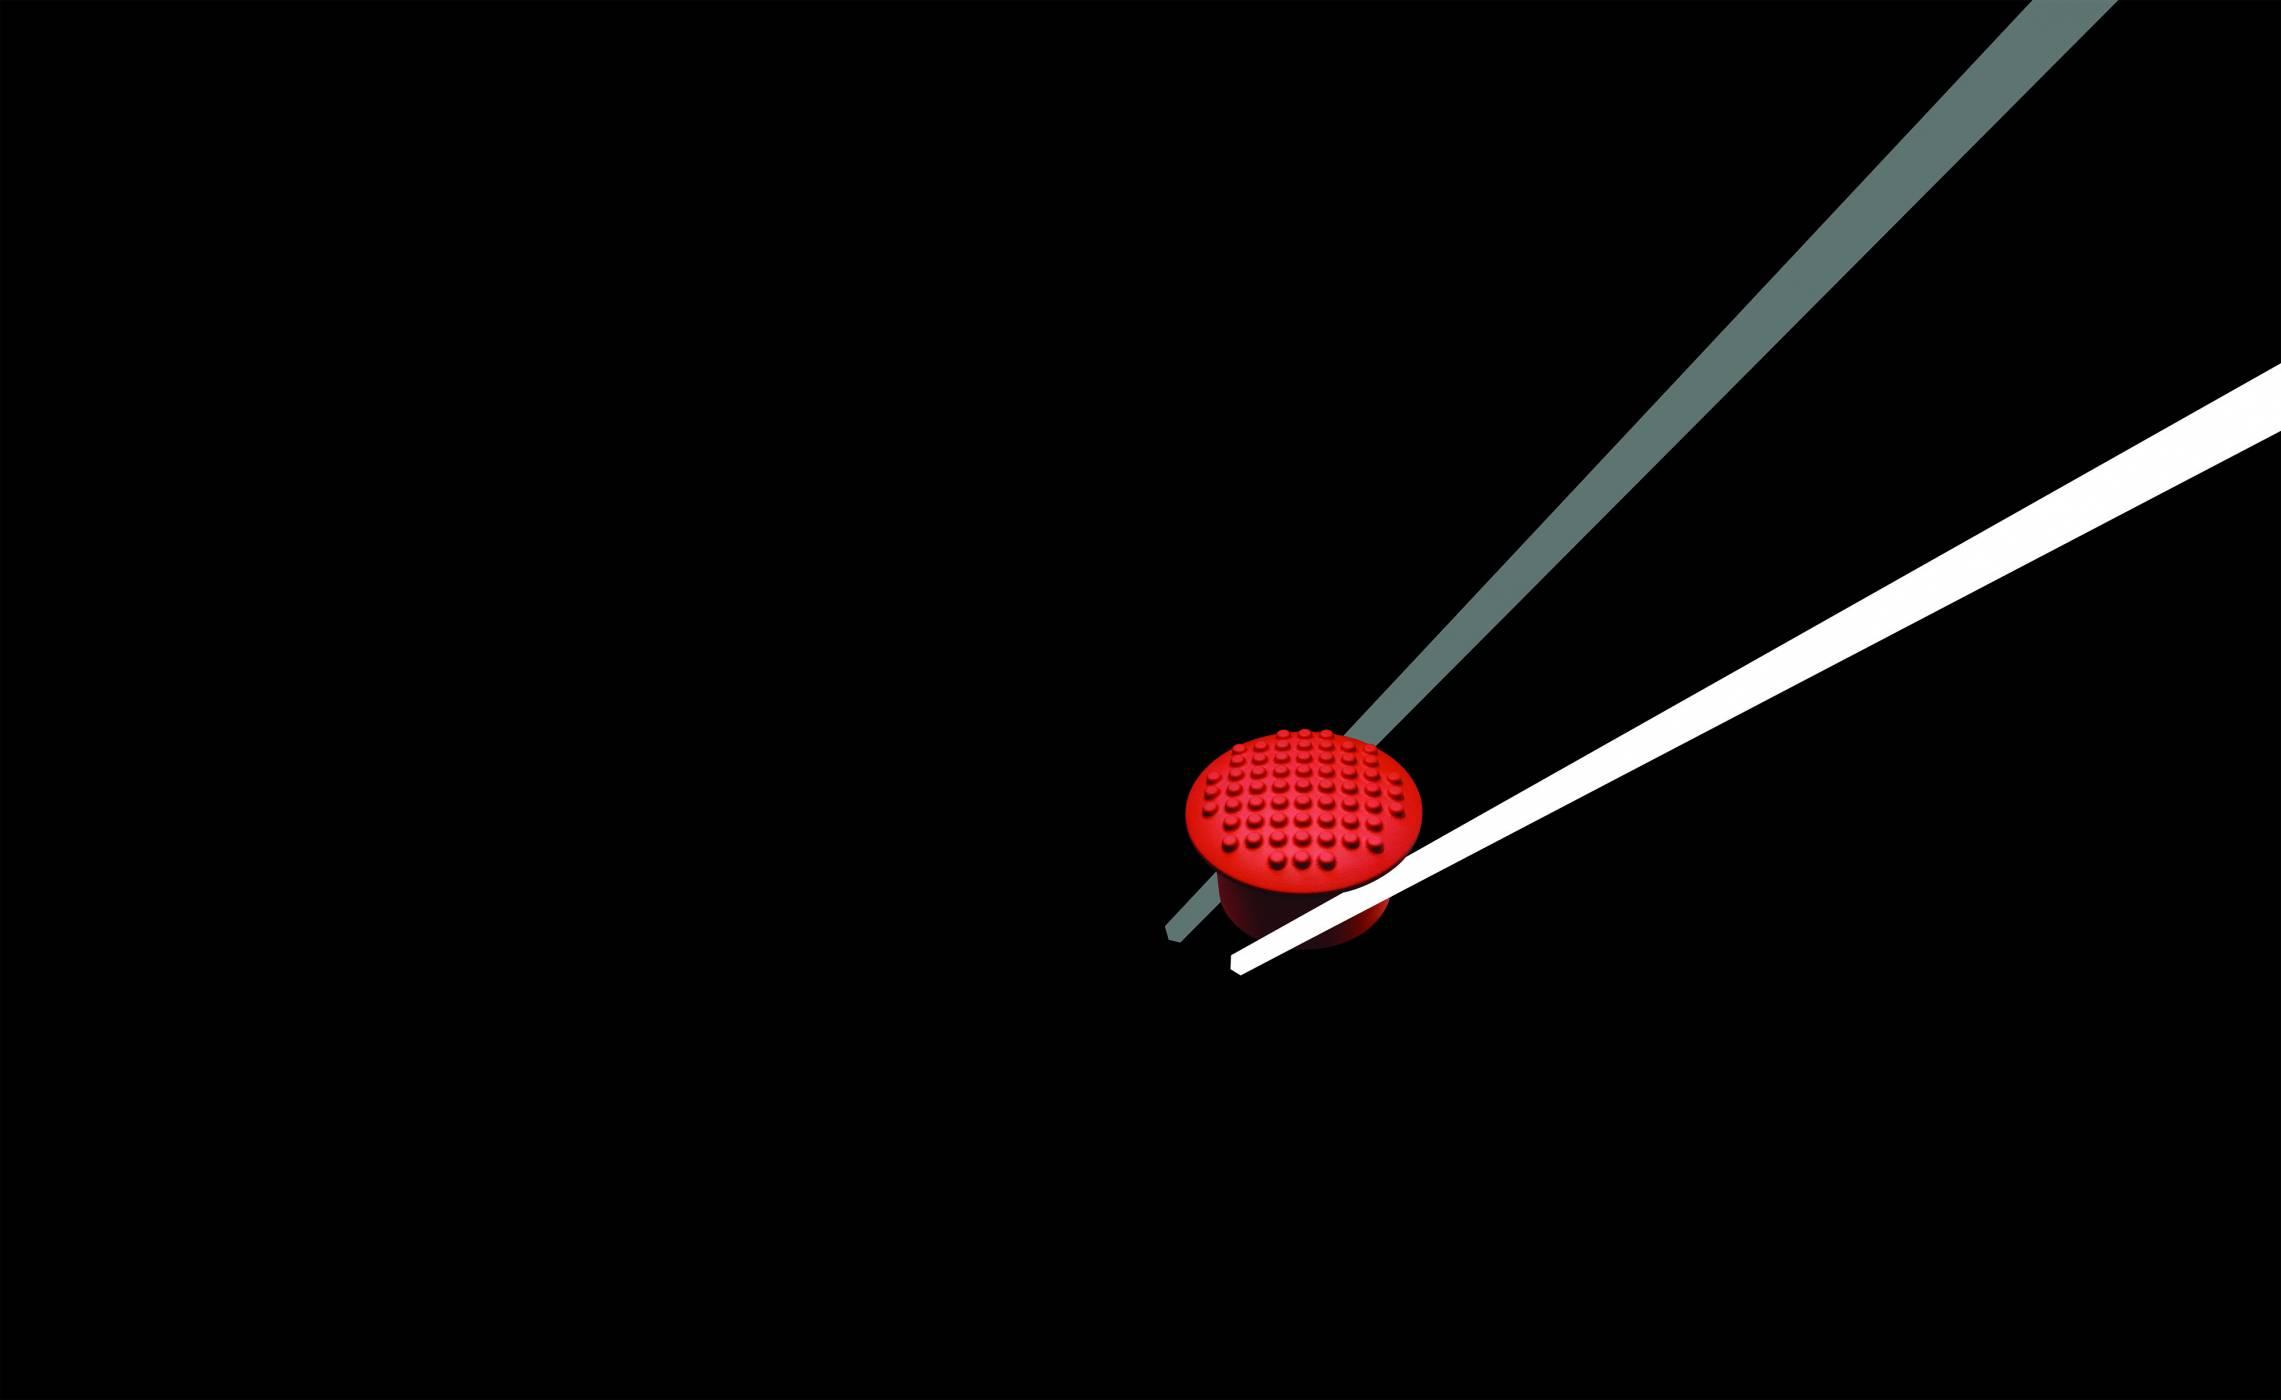 25 години ThinkPad: иновациите, бенто кутията и просто Think